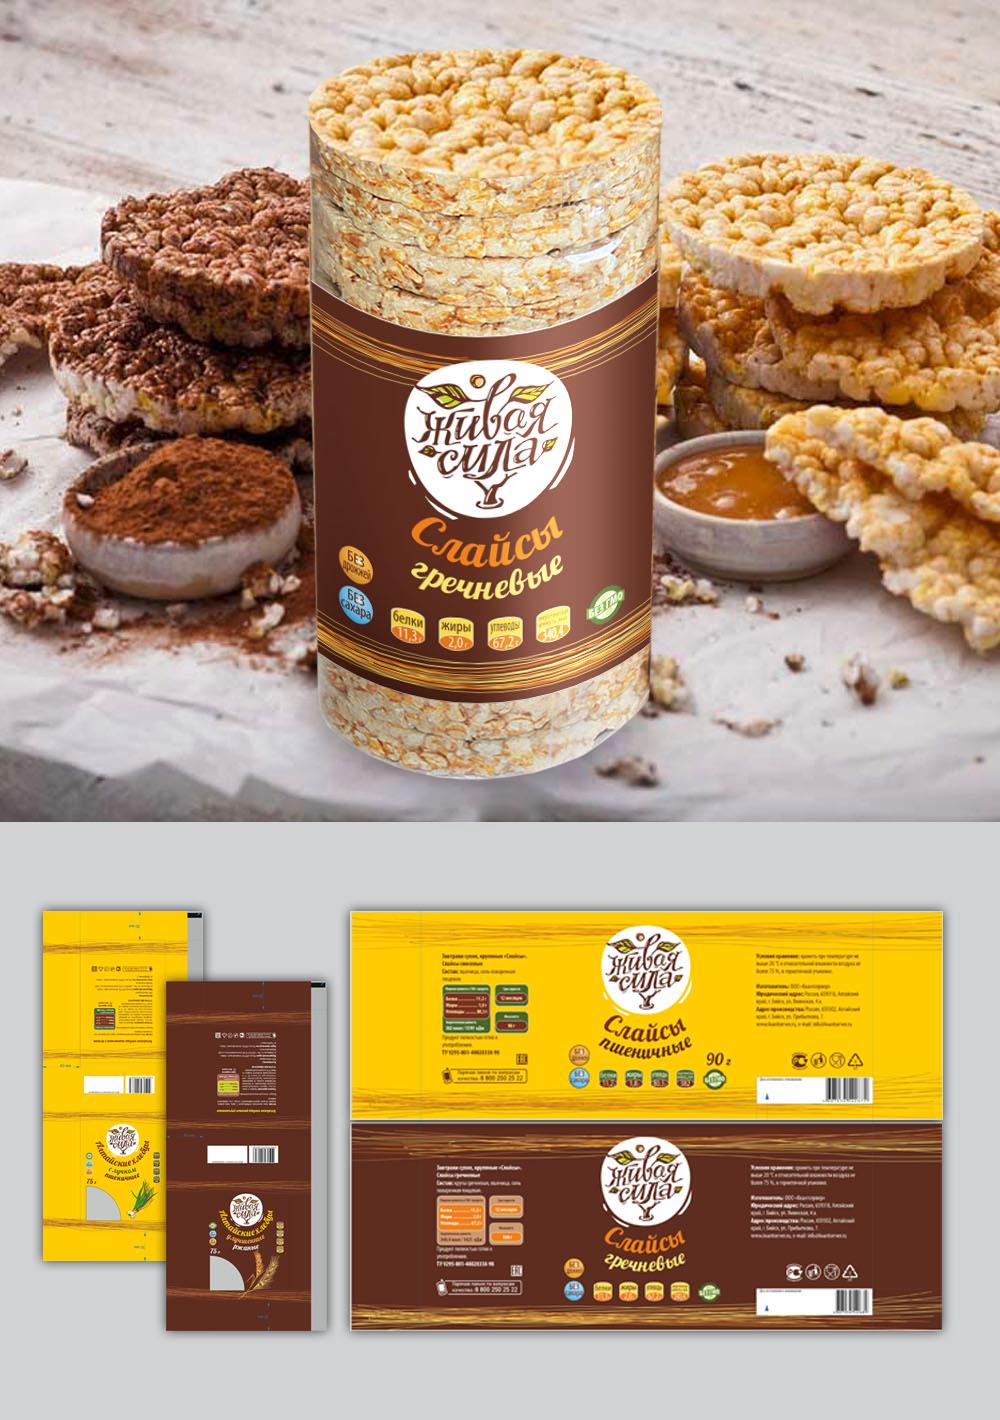 Логотип и фирменный стиль продуктов питания фото f_8515bb4a5b5dc1d0.jpg